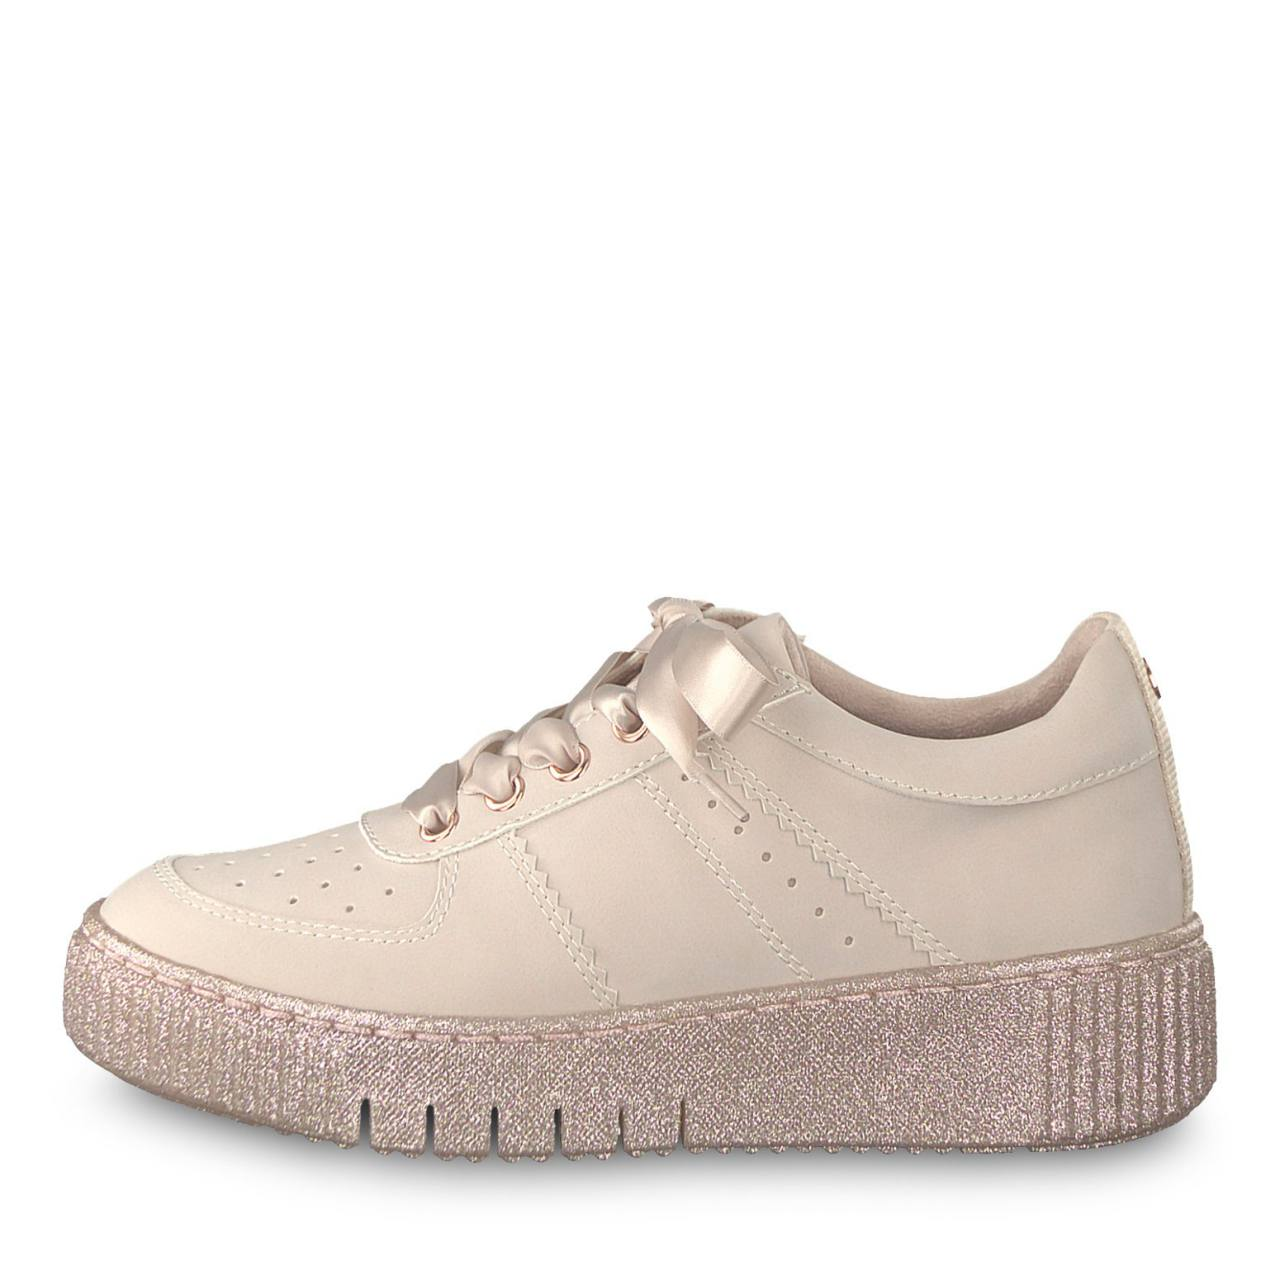 Tamaris Sneakers. Simple Tamaris Sneakers With Tamaris